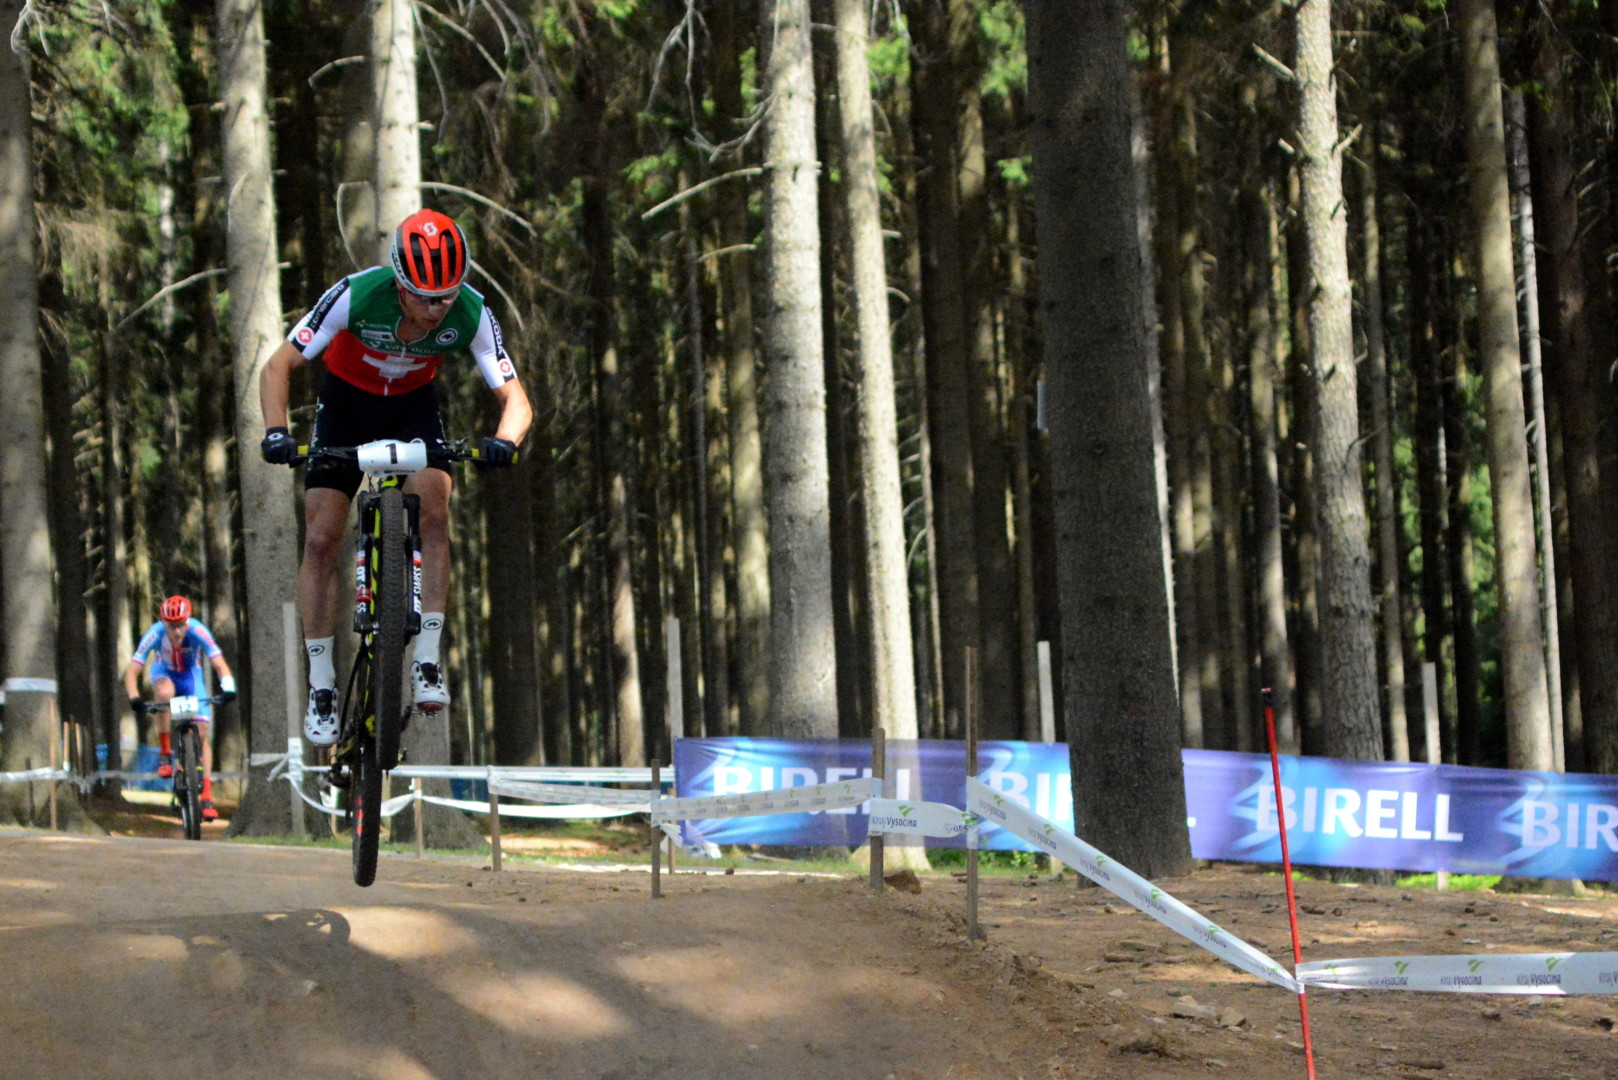 Nino Schurter (Scott Racing) – Mistrzostwa Świata XCO, Nove Mesto, Czechy